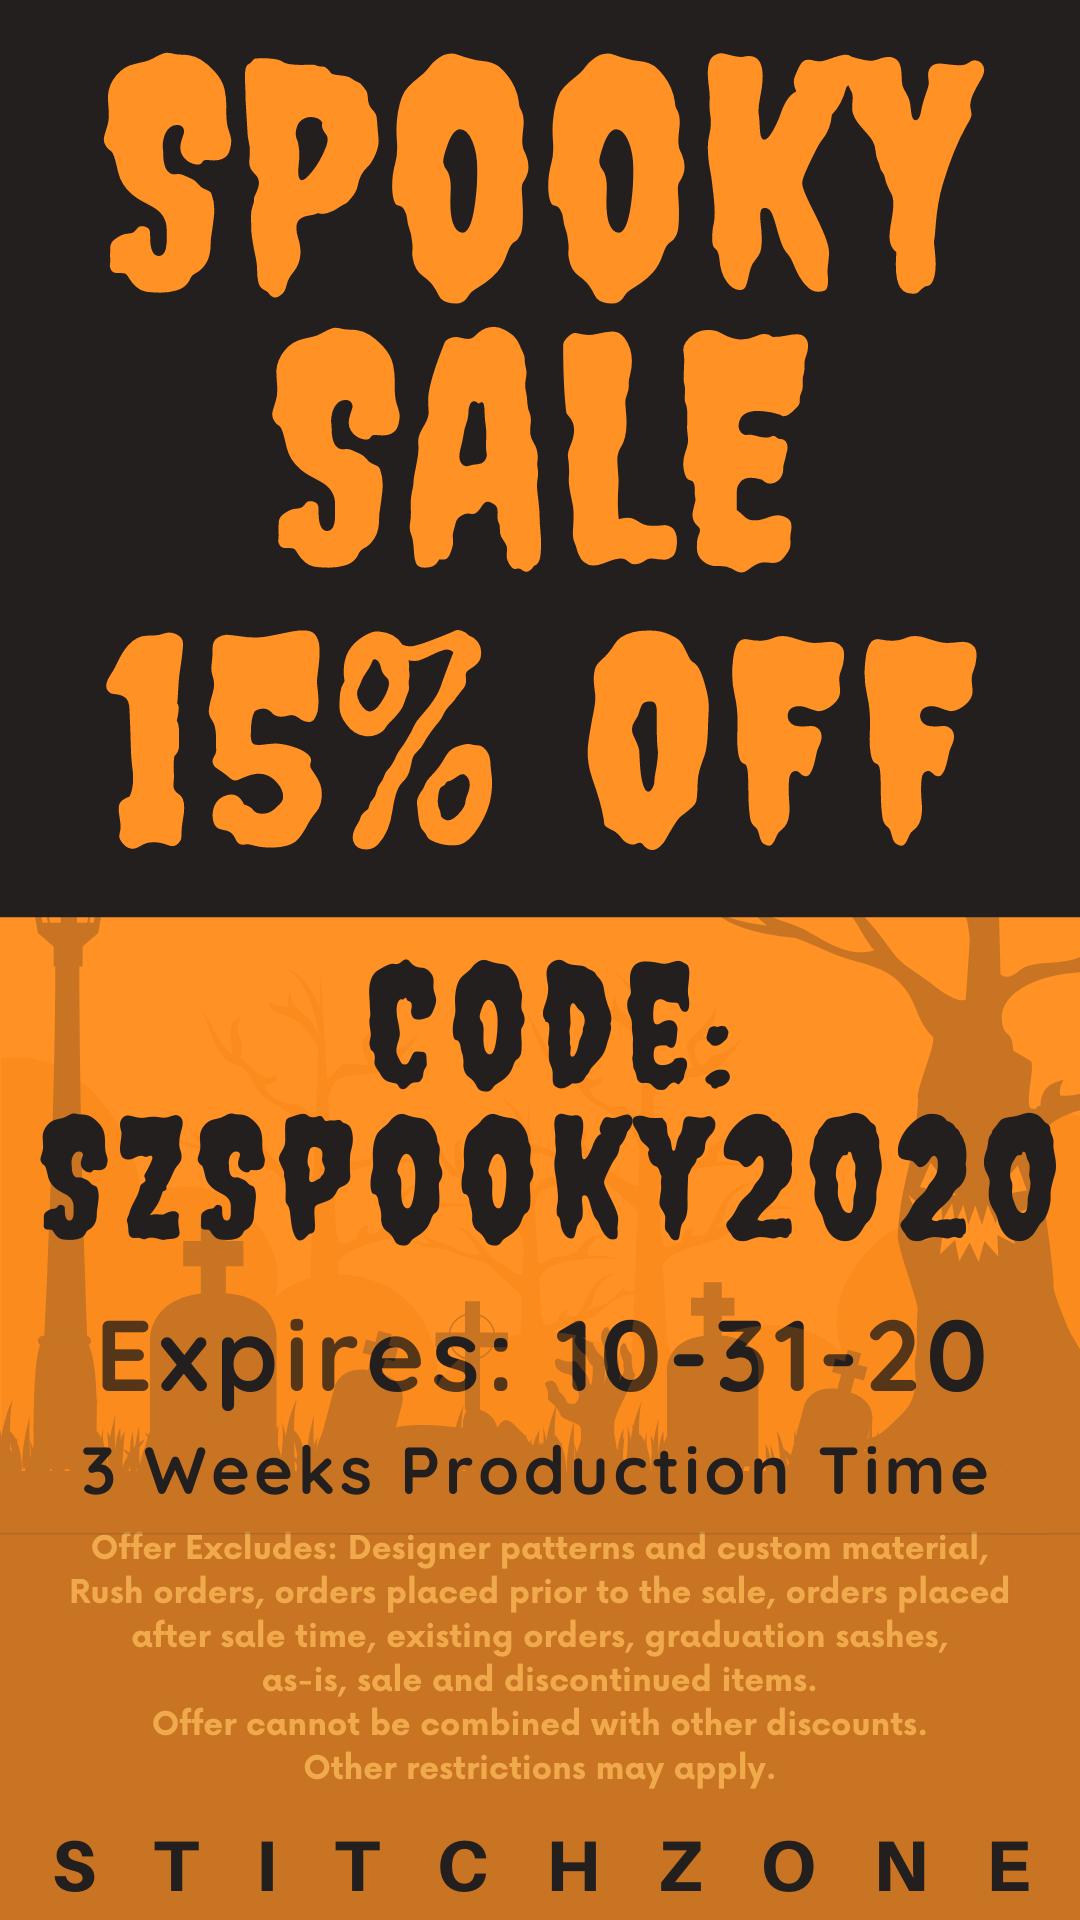 StitchZone Spooky Sale